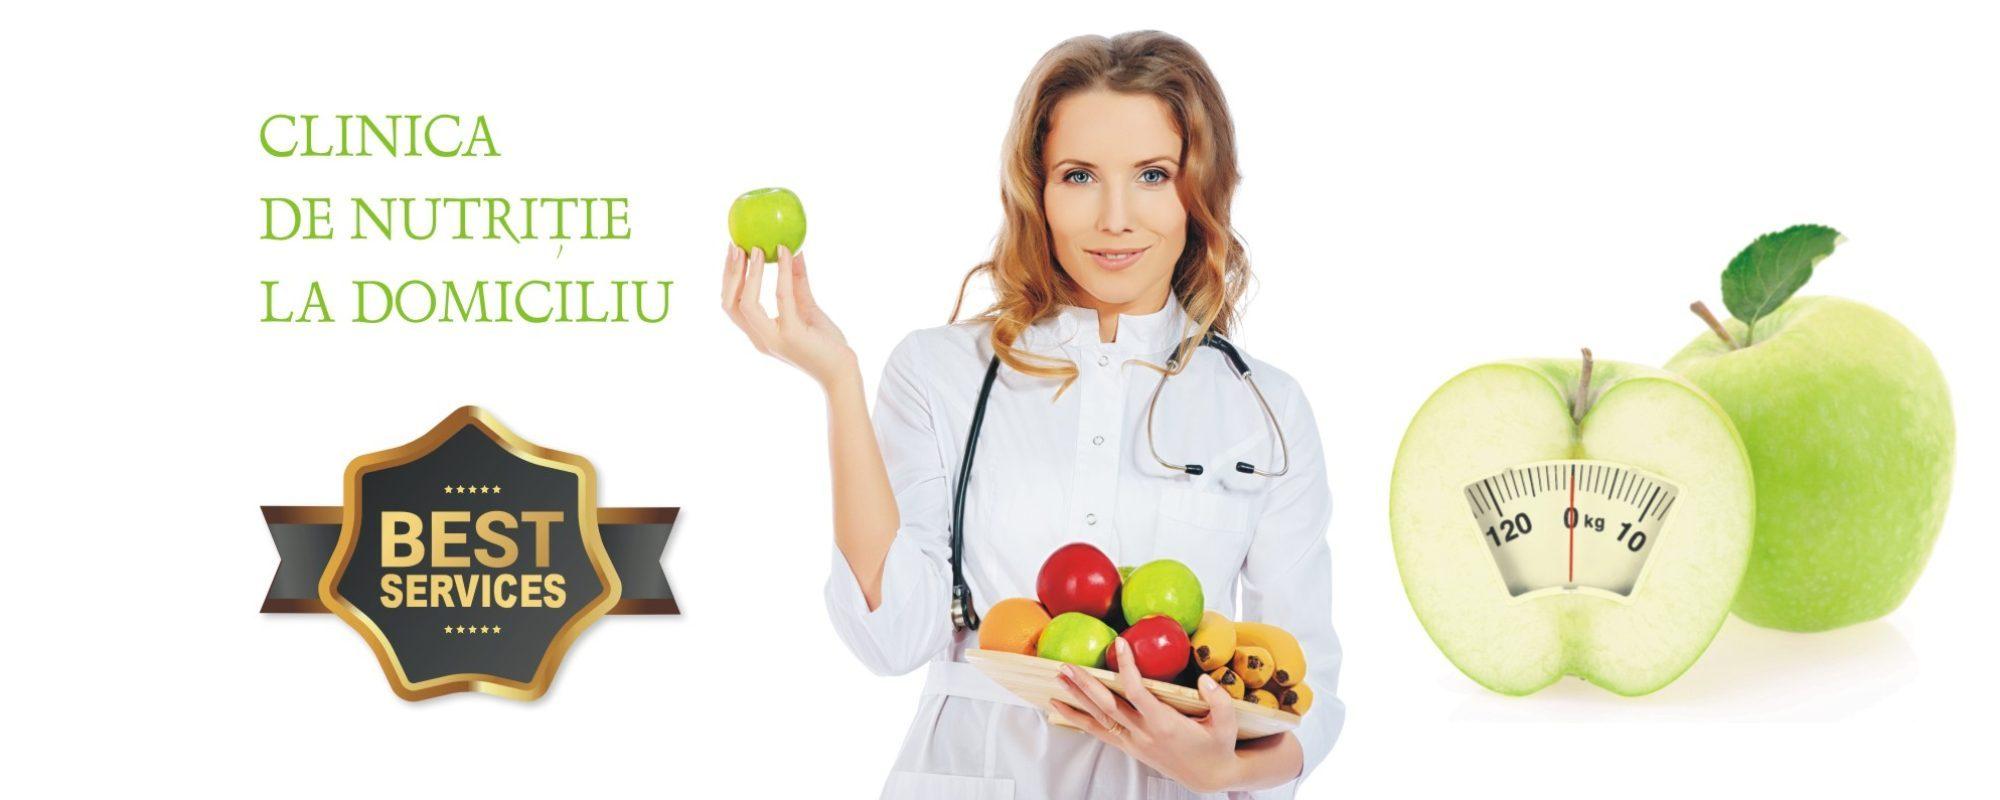 Clinica de nutritie Dietalia